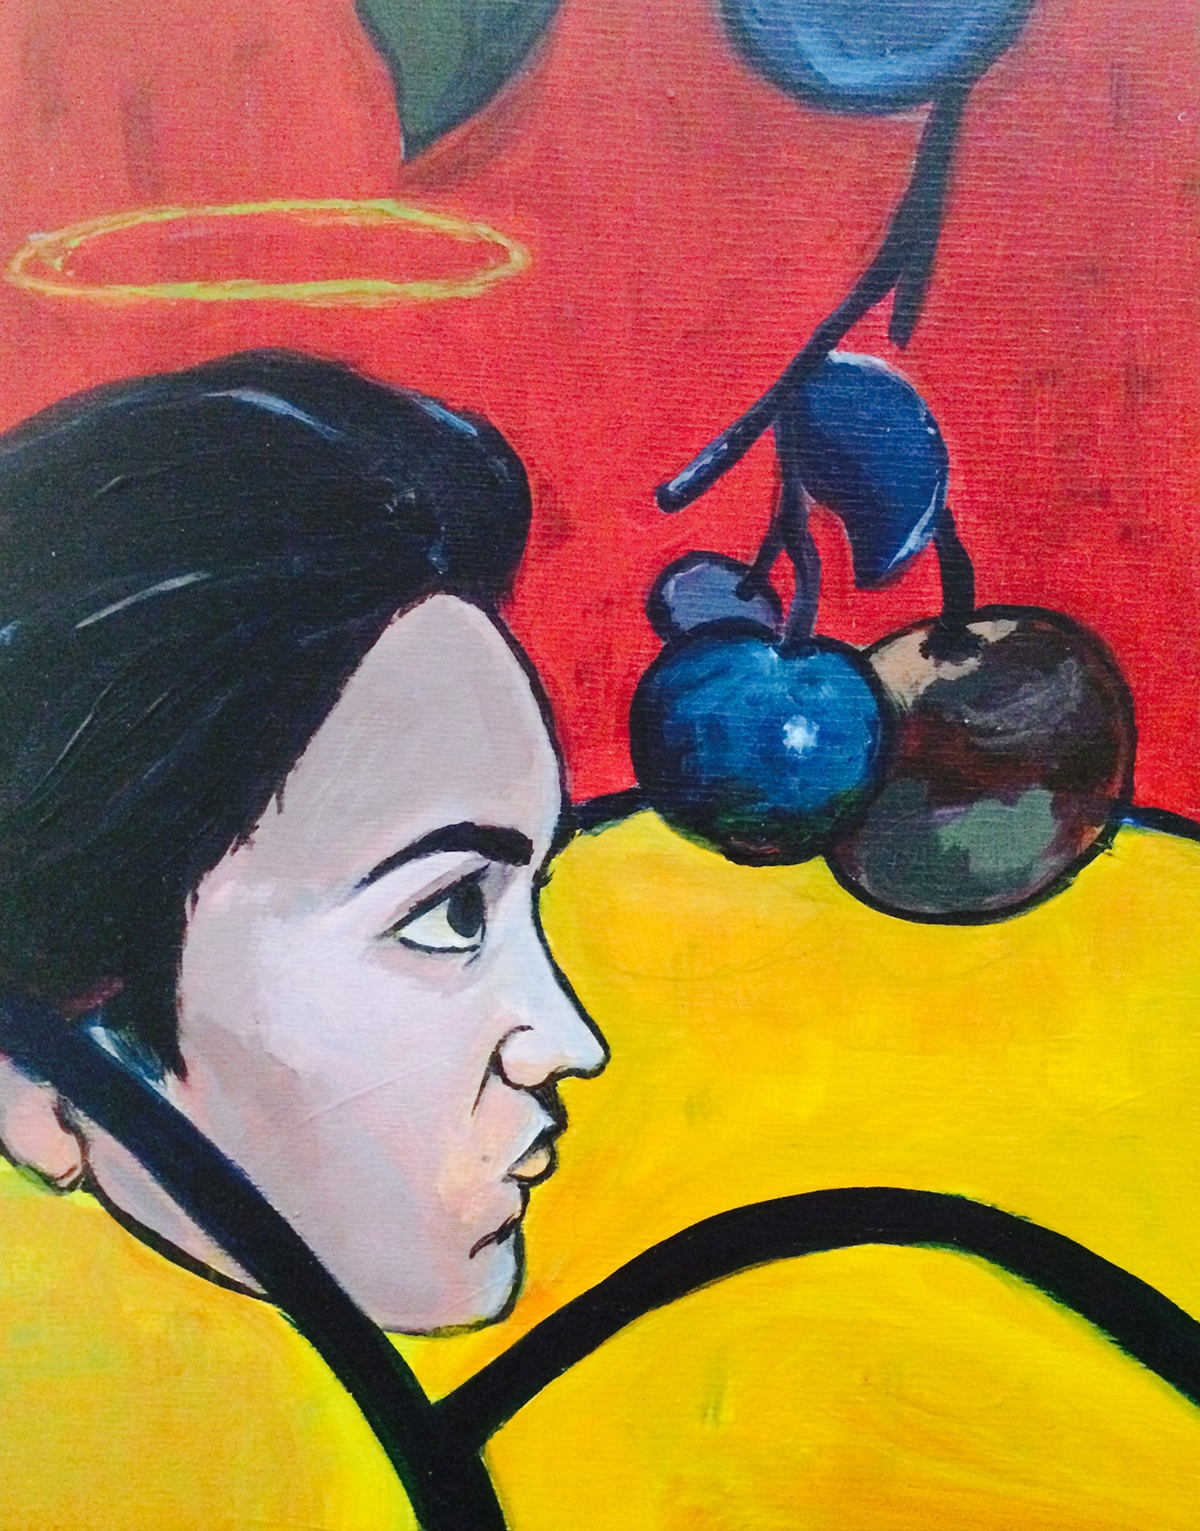 La Eva de Gauguin / Gauguin's Eve